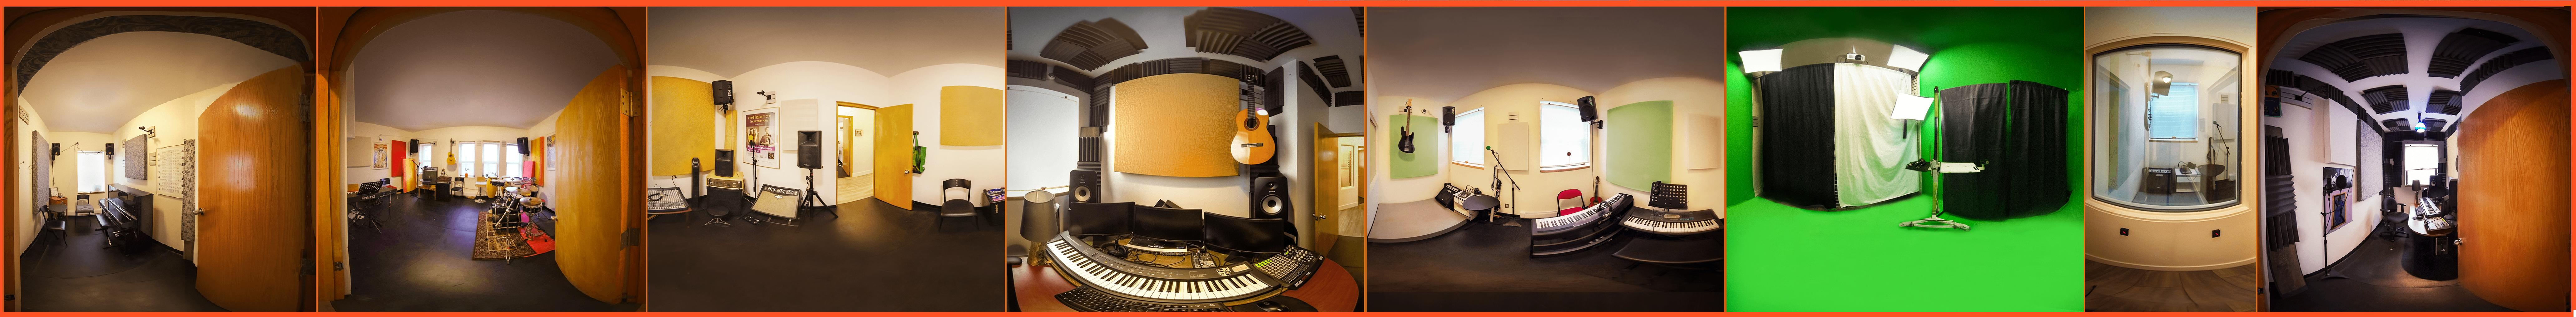 Location de studios de pratique et d'enregistrements tout équipés à Lachine